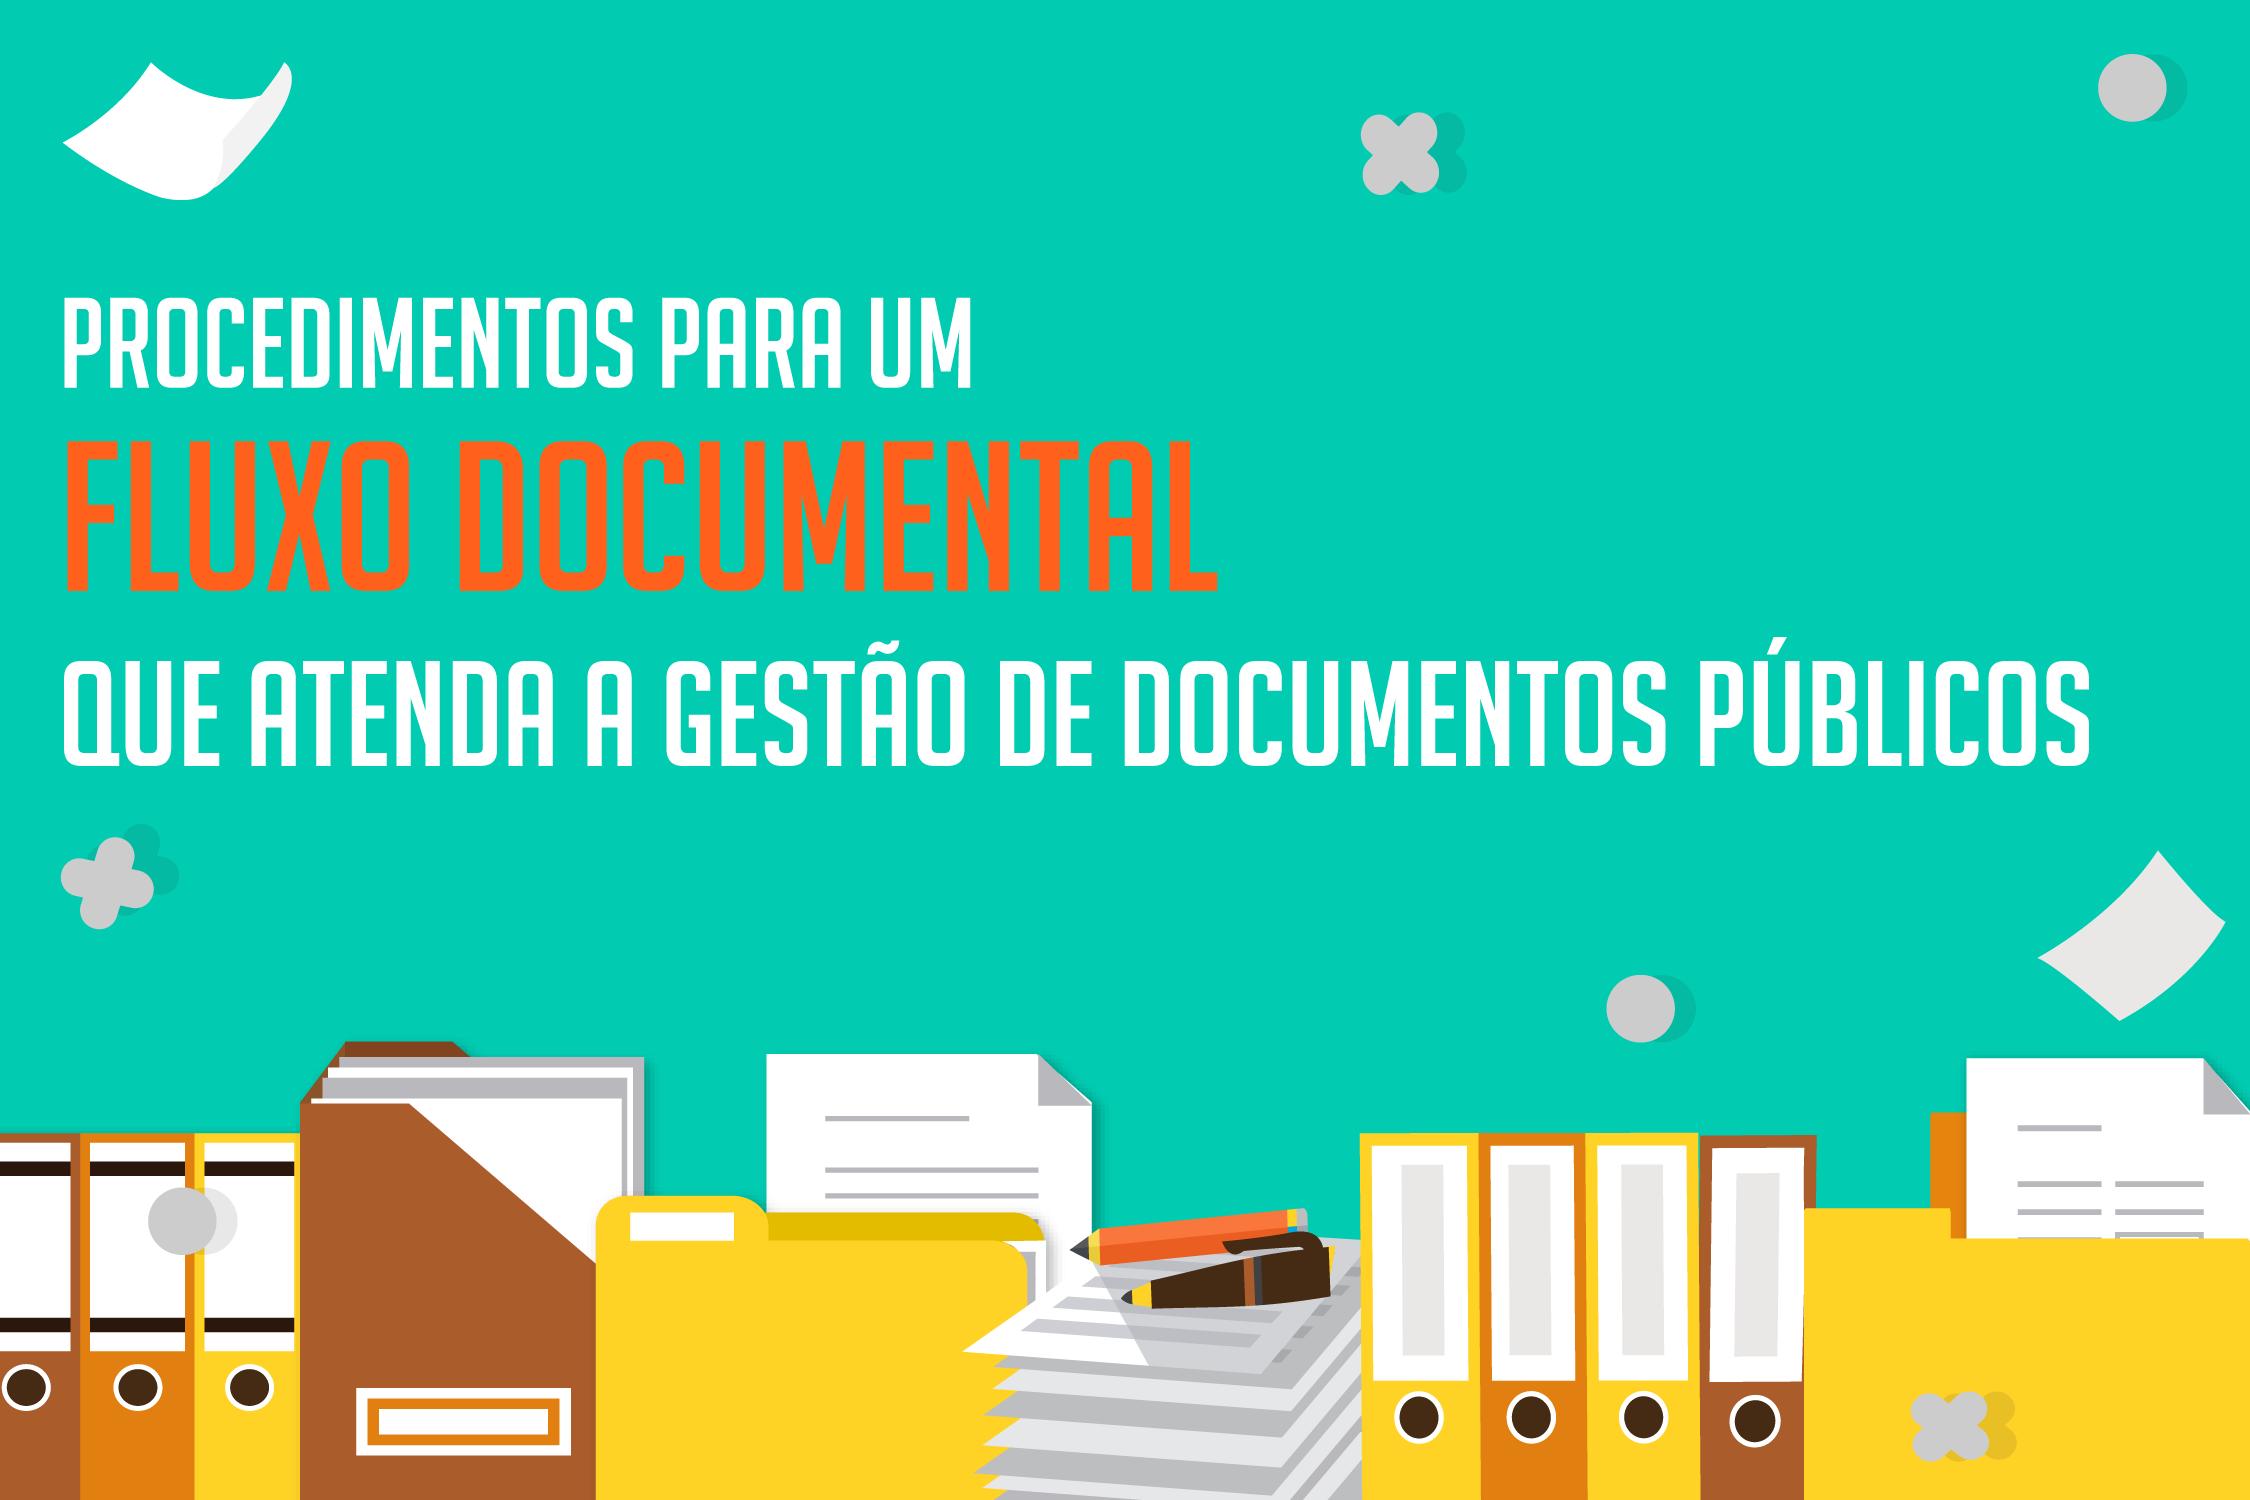 Procedimentos para um fluxo documental que atenda a Gestão de Documentos Públicos